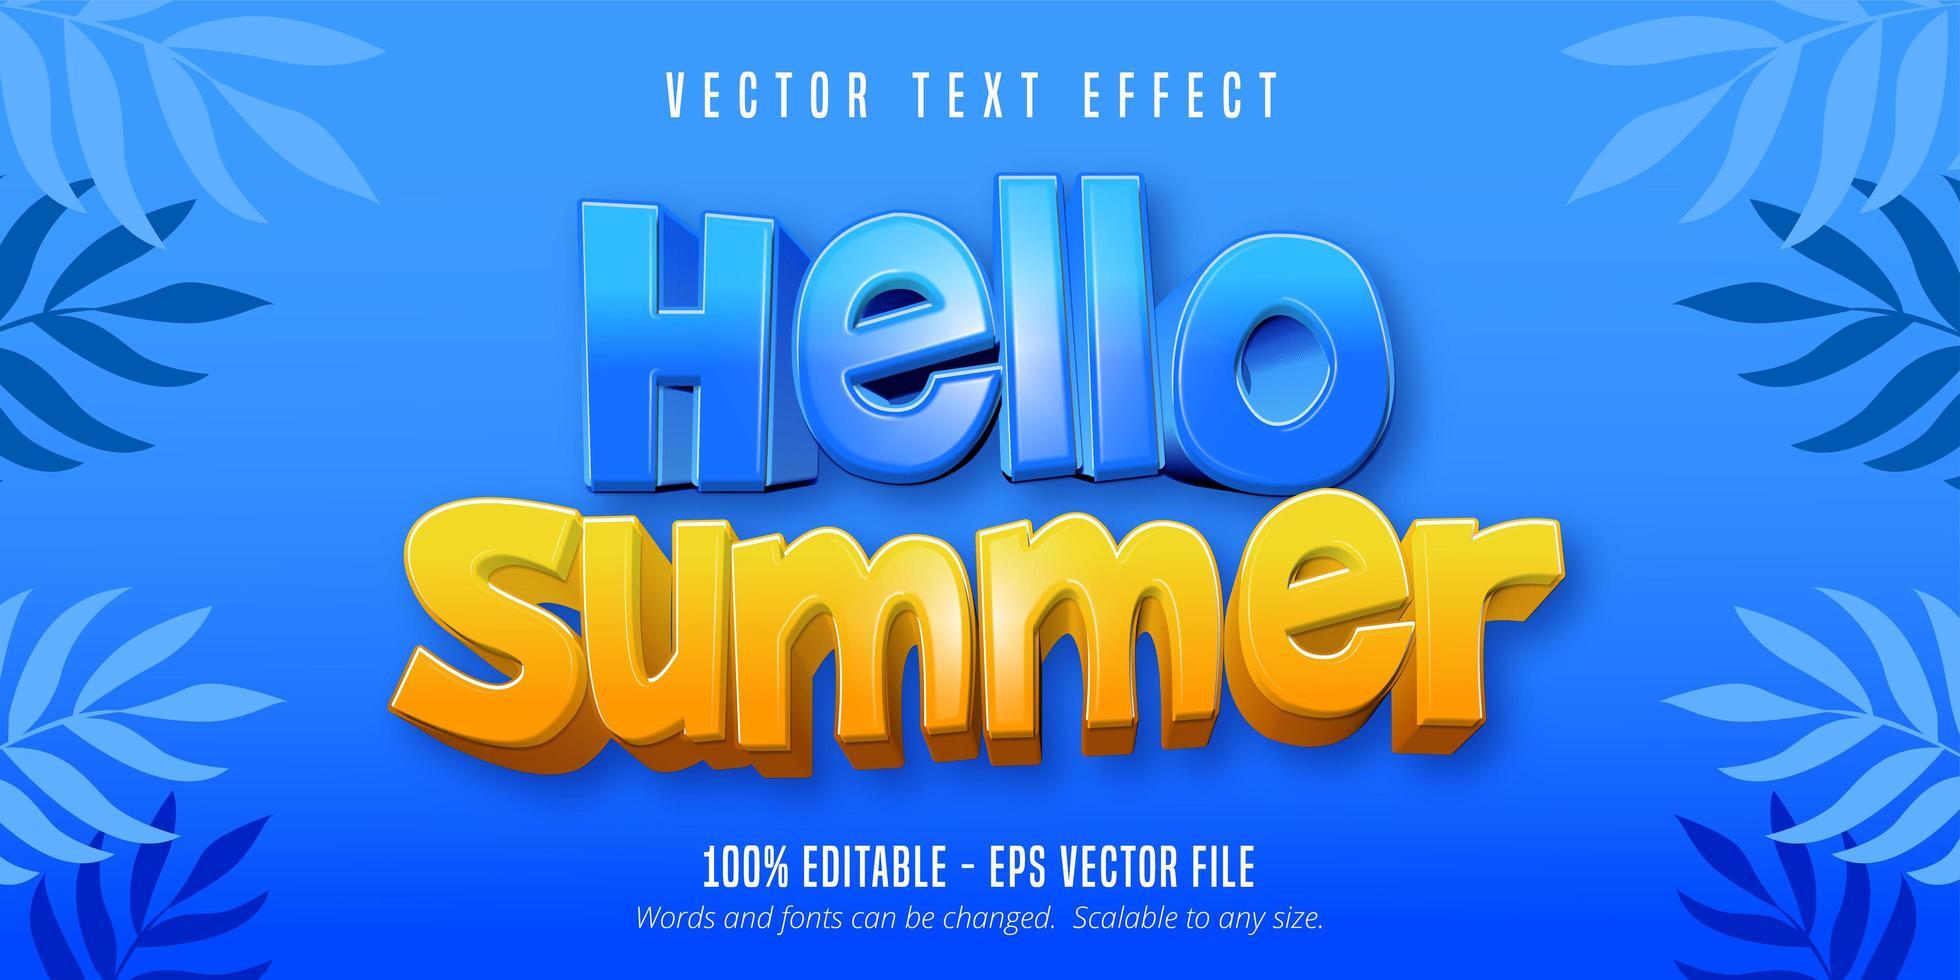 Hola texto de verano, efecto de texto editable de estilo de dibujos animados vector